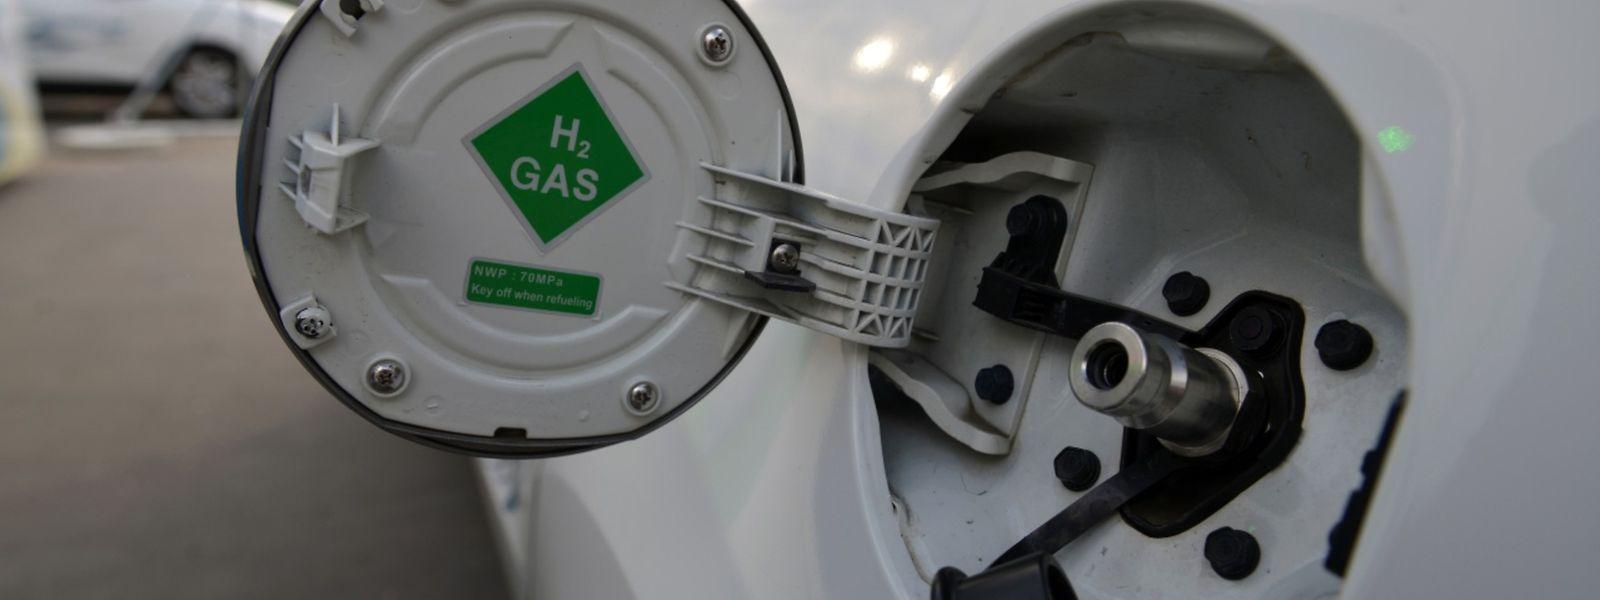 Pour l'instant, la ministre du Développement durable préfère réserver ce type de moteurs aux «véhicules plus lourds», pour trouver ainsi un équilibre entre faibles émissions carbones et rendement.